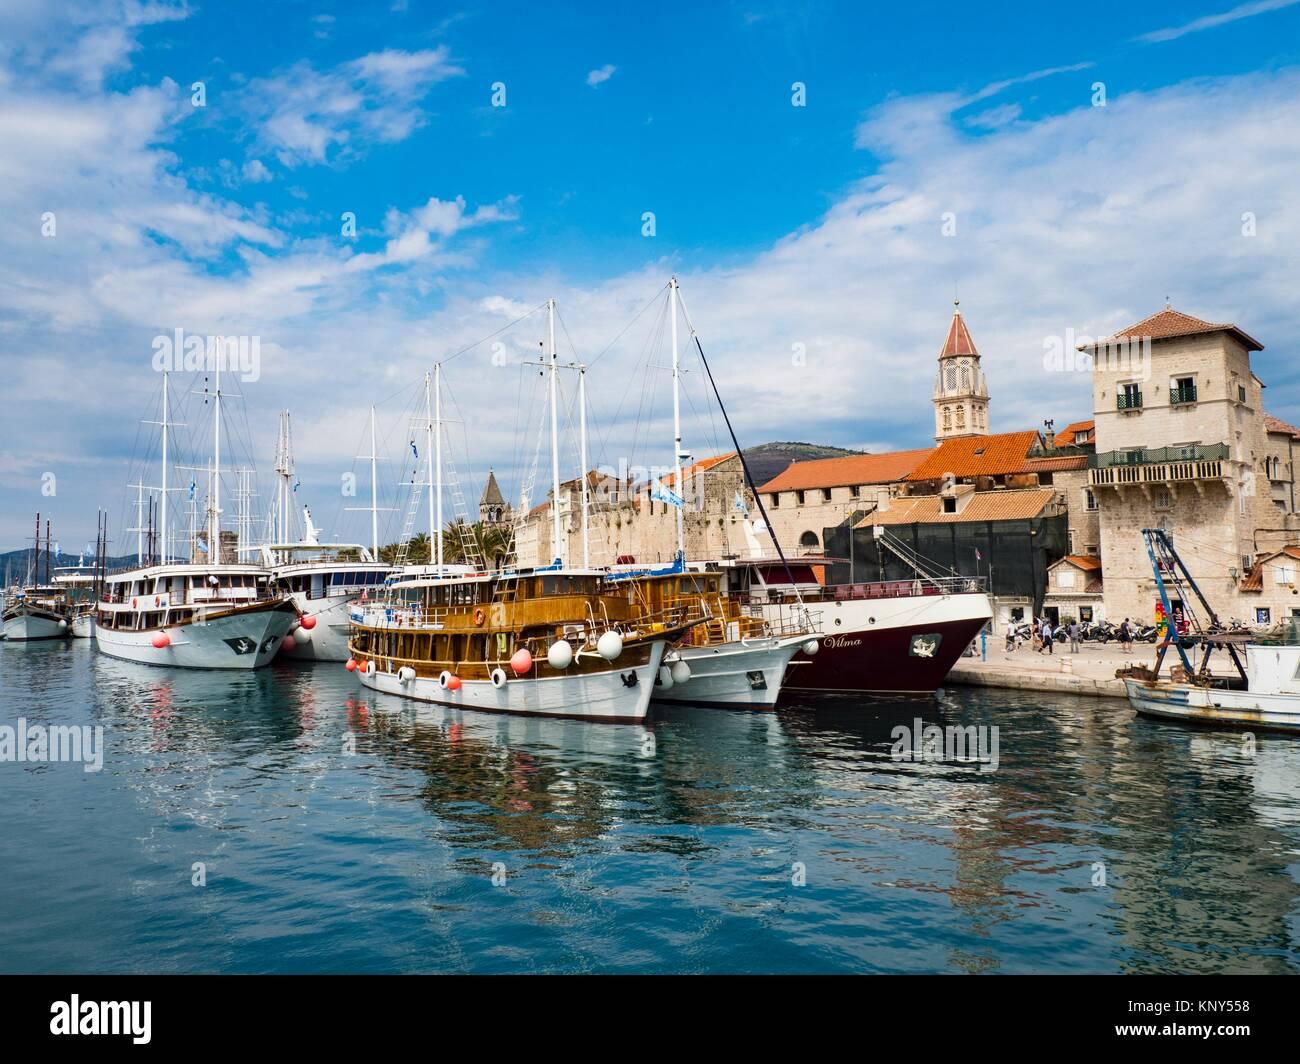 La vieille ville de Trogir Croatie Port. Photo Stock